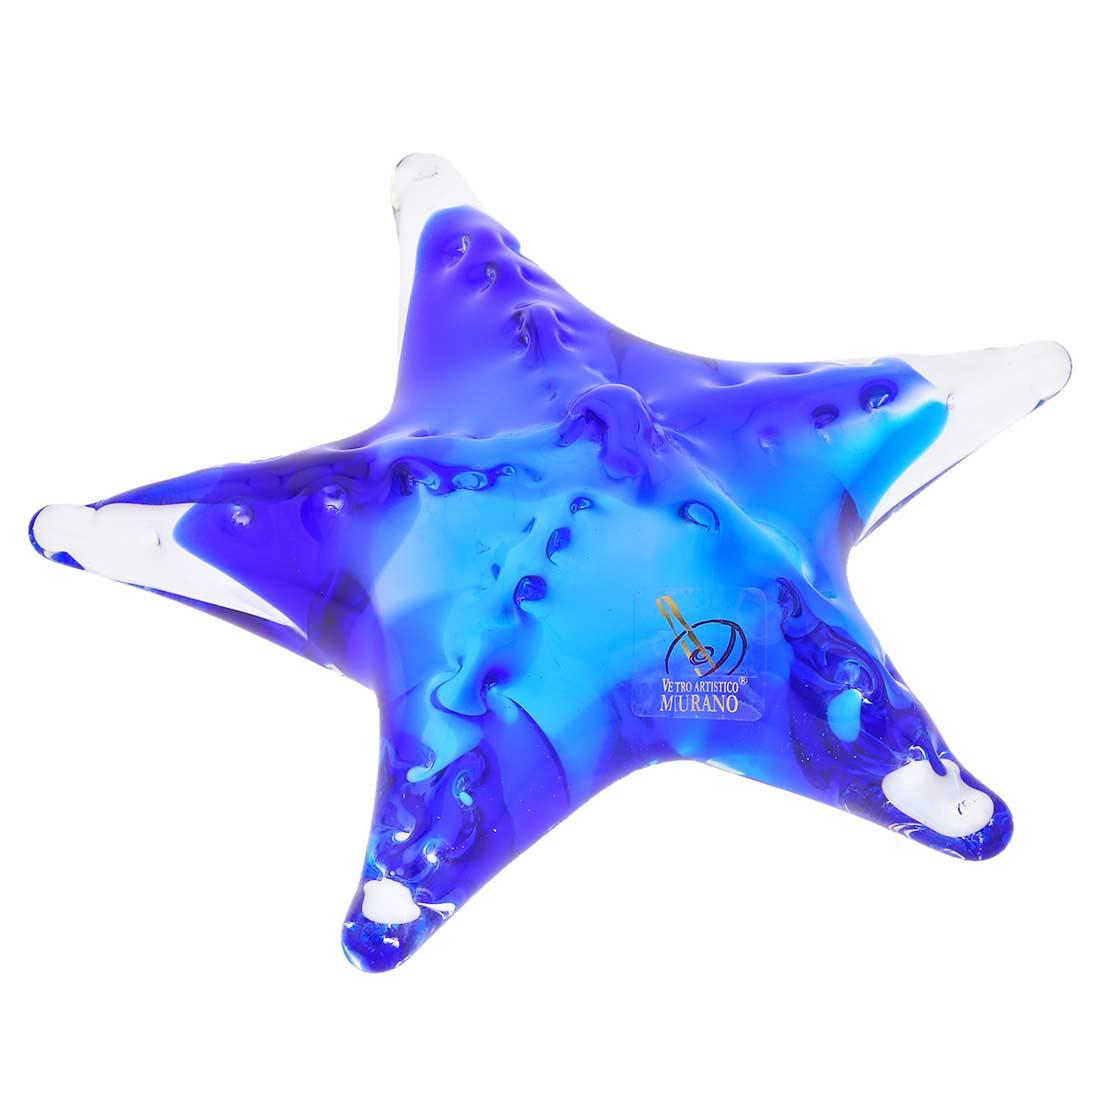 Murano Glass Starfish - Aqua Blue